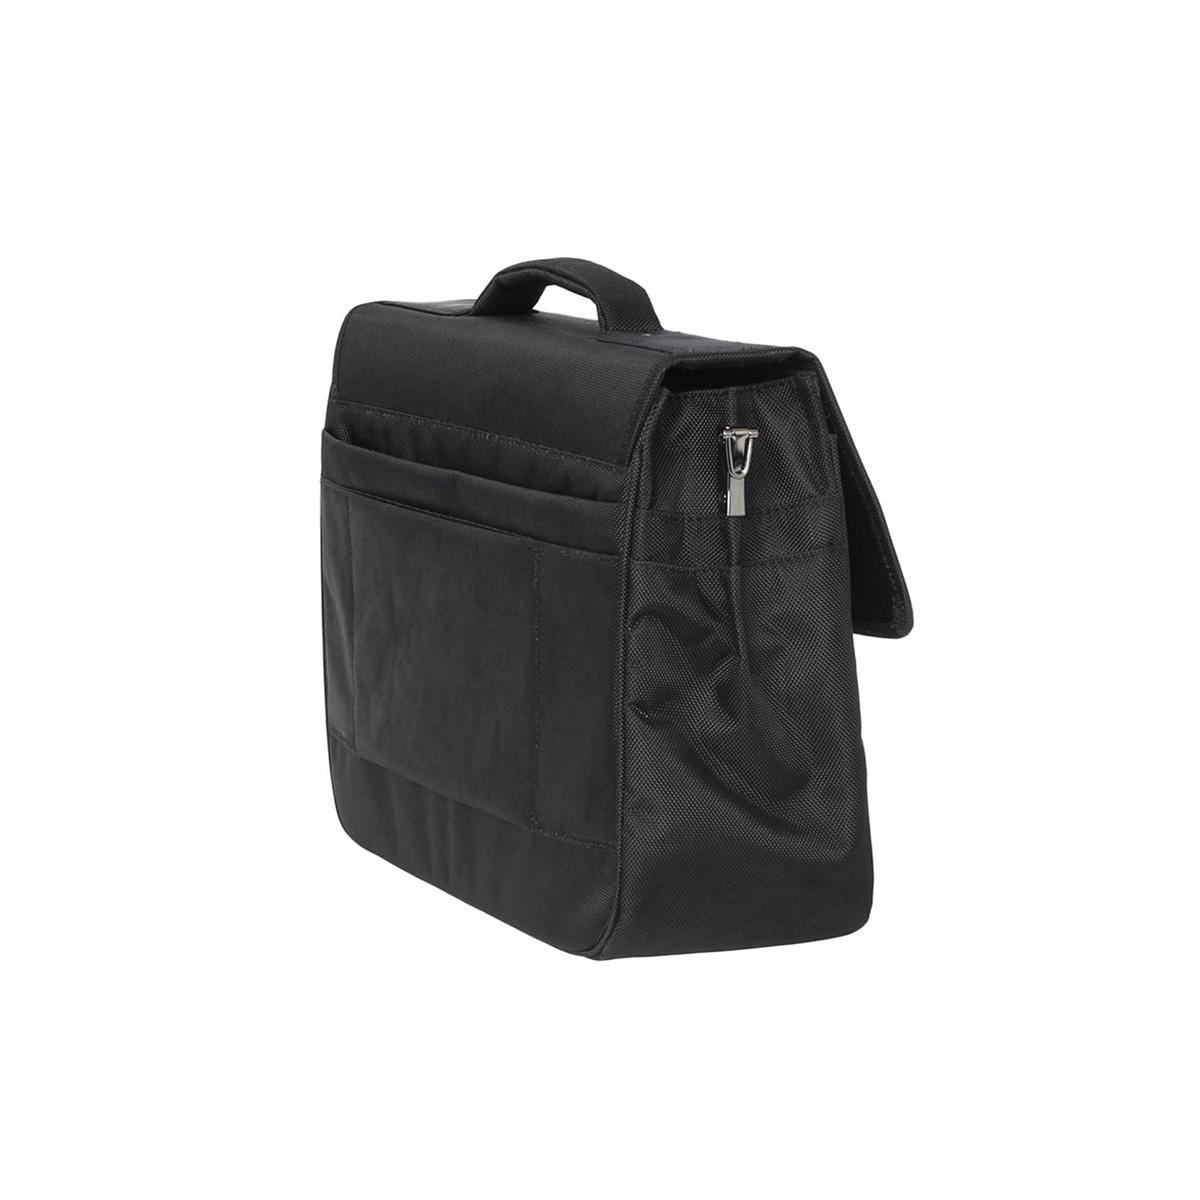 69145ebafc Επαγγελματική Τσάντα Laptop - Χαρτοφύλακας Diplomat 32cm BU103 Μαύρη ...